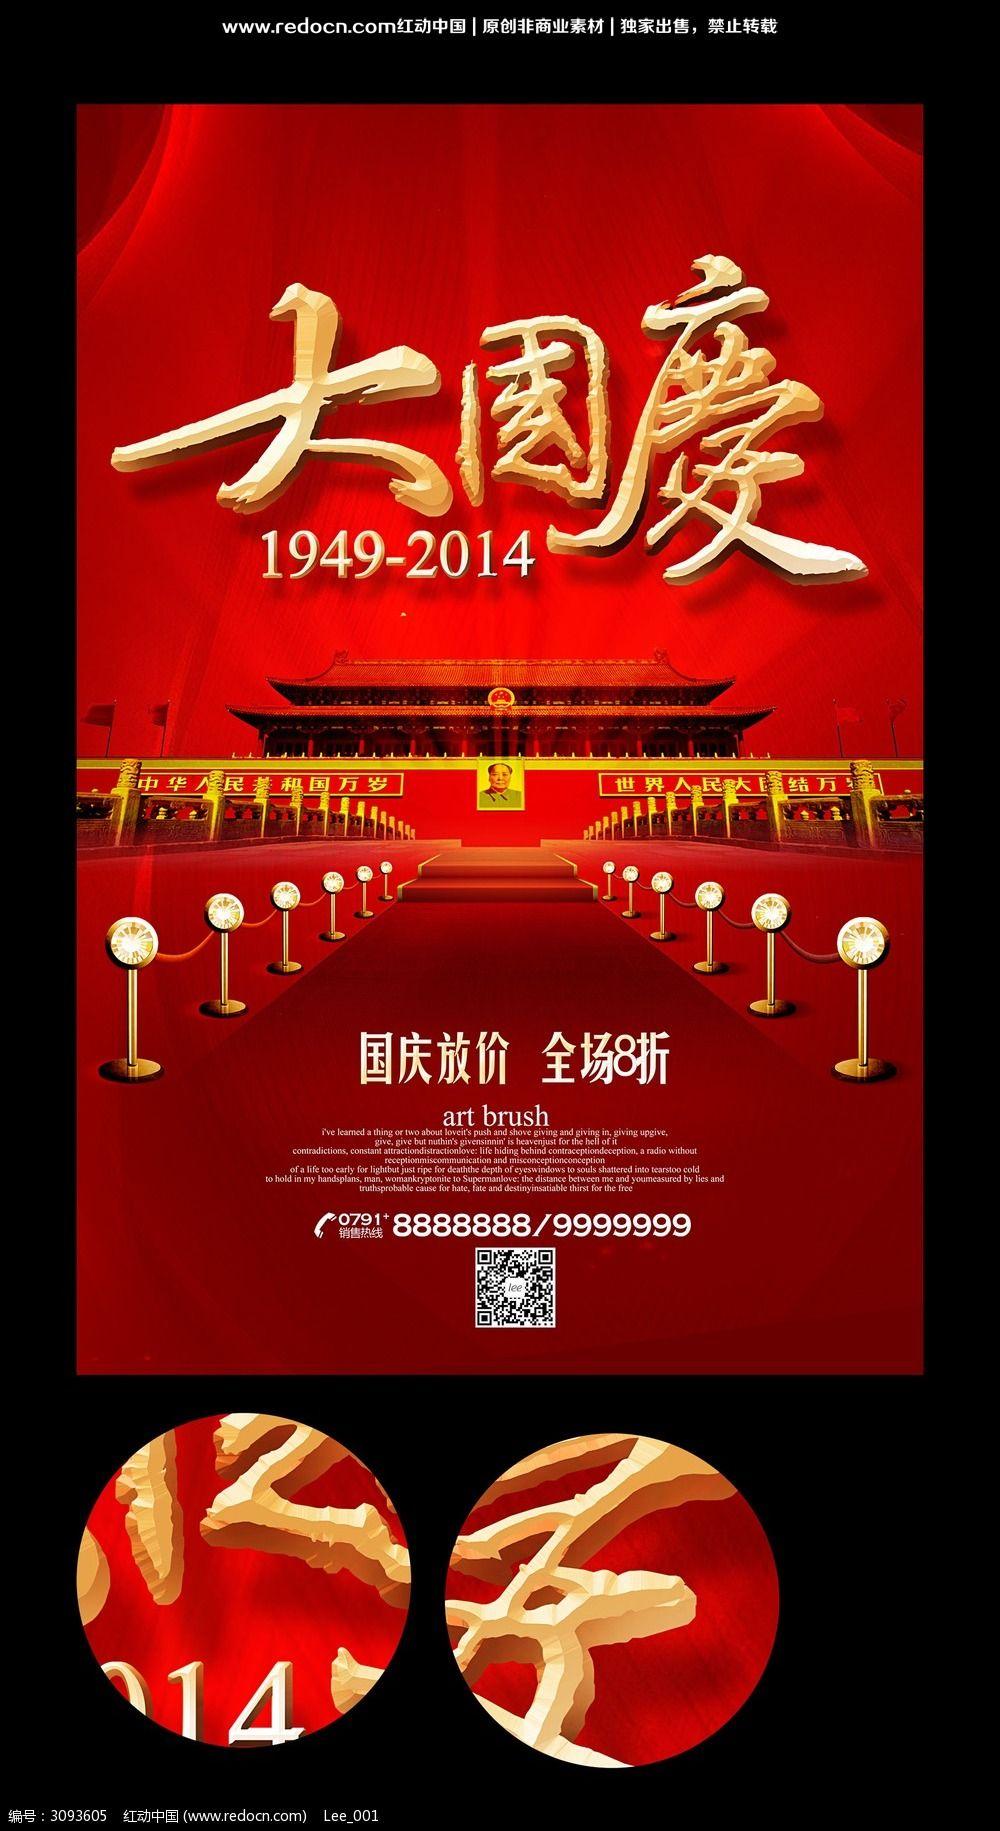 十一国庆节_原创设计稿 节日素材 十一国庆节 大国庆节地产宣传海报  请您分享